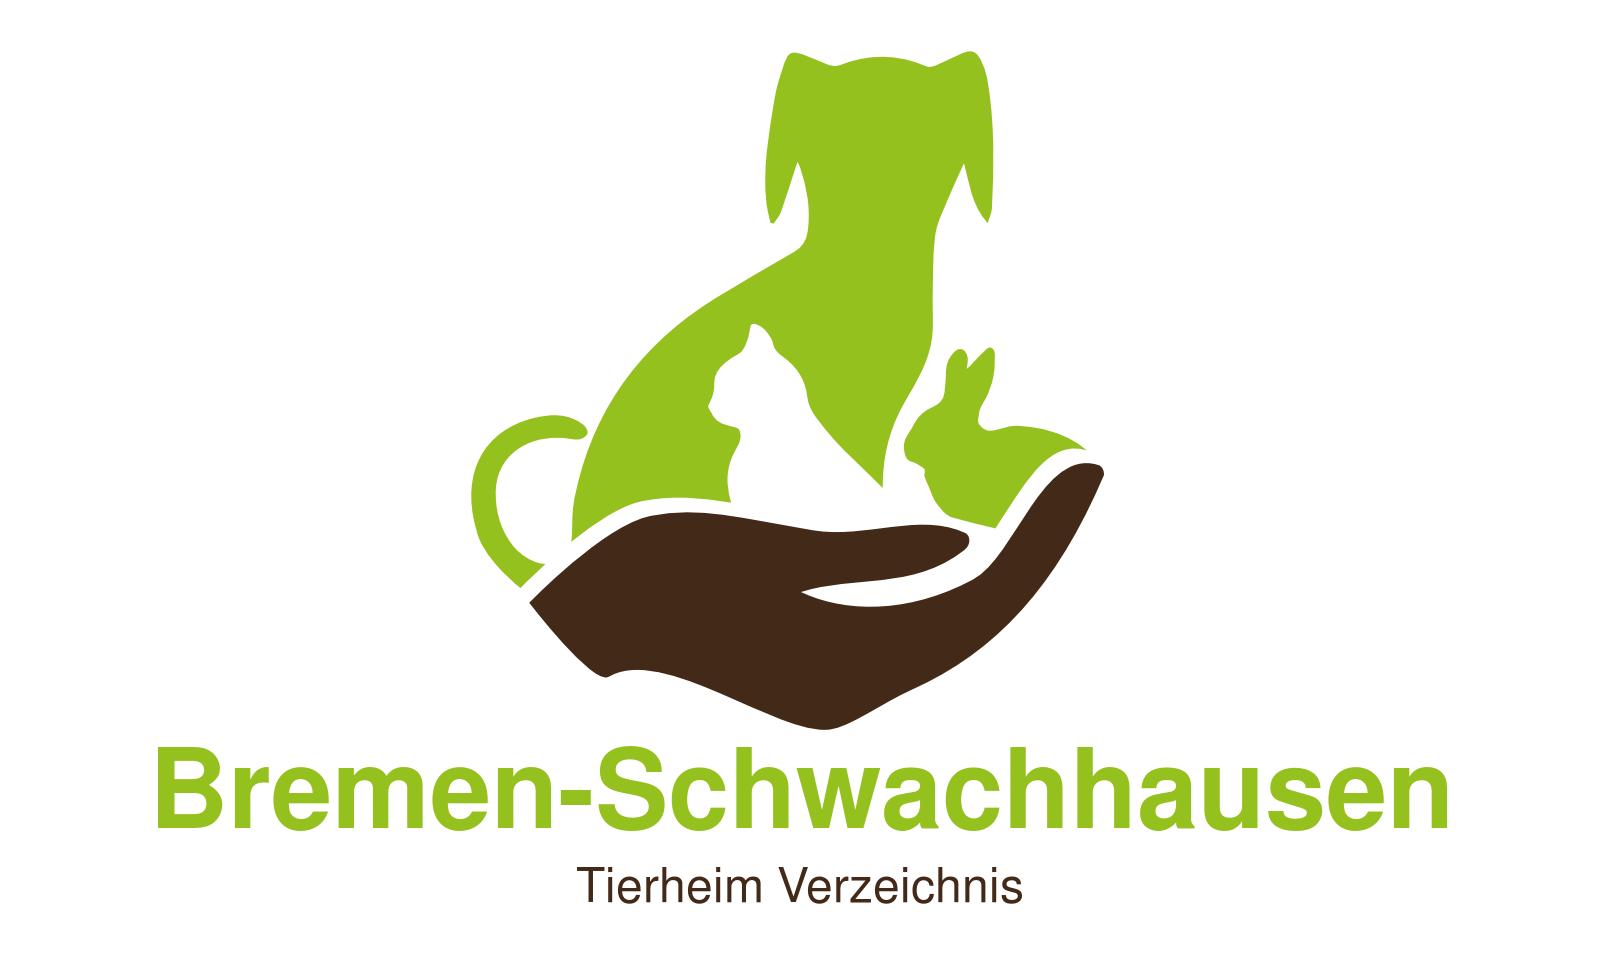 Tierheim Bremen Schwachhausen